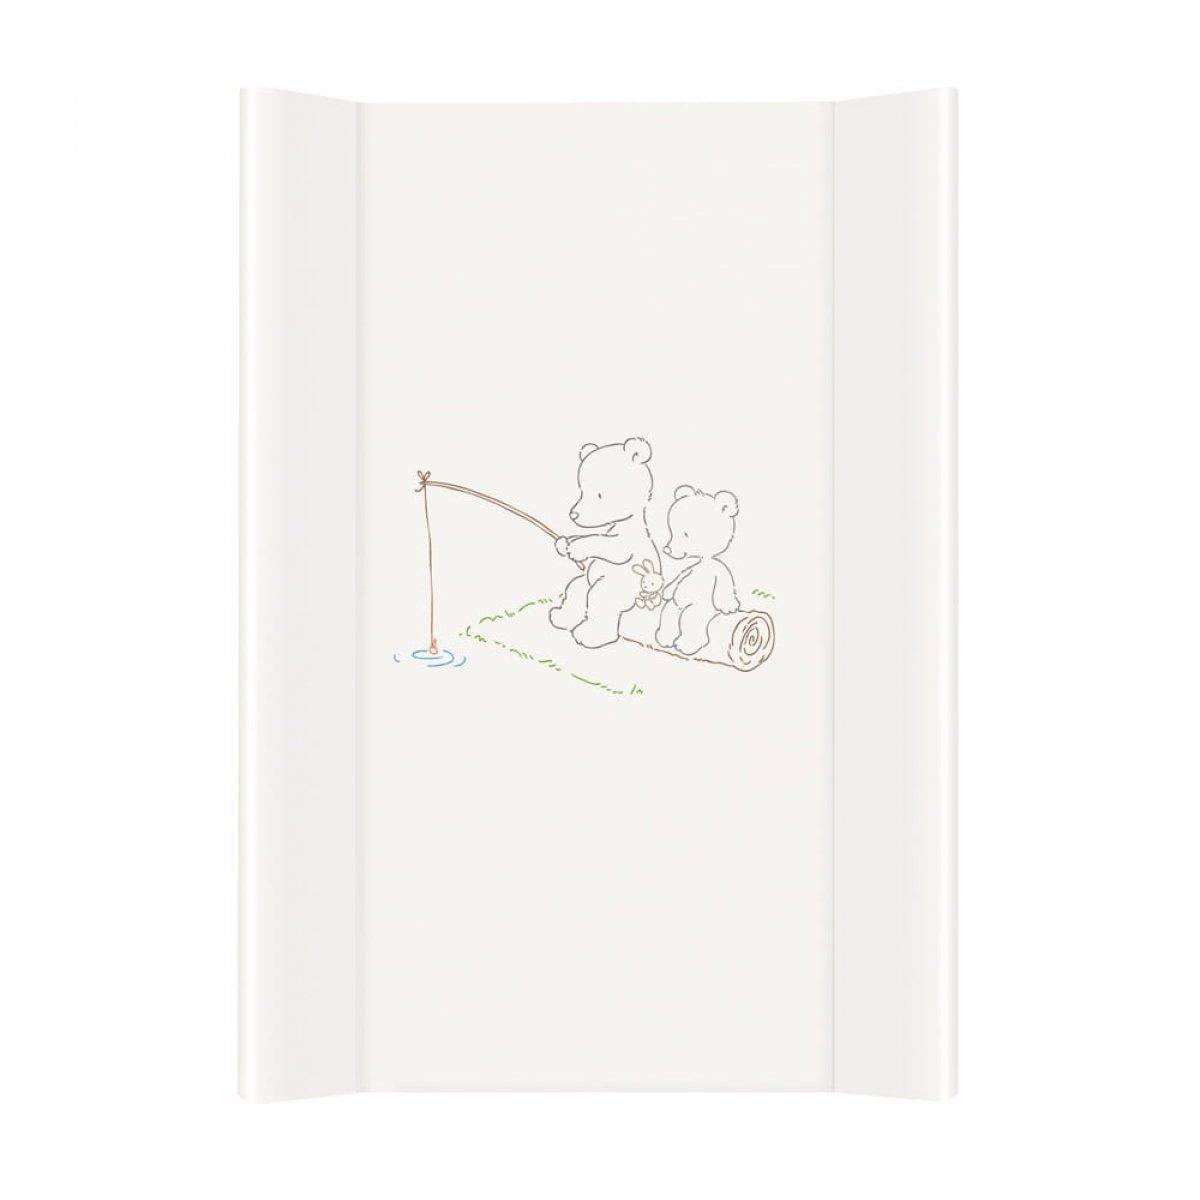 Přebalovací podložka tvrdá medvídci bílá